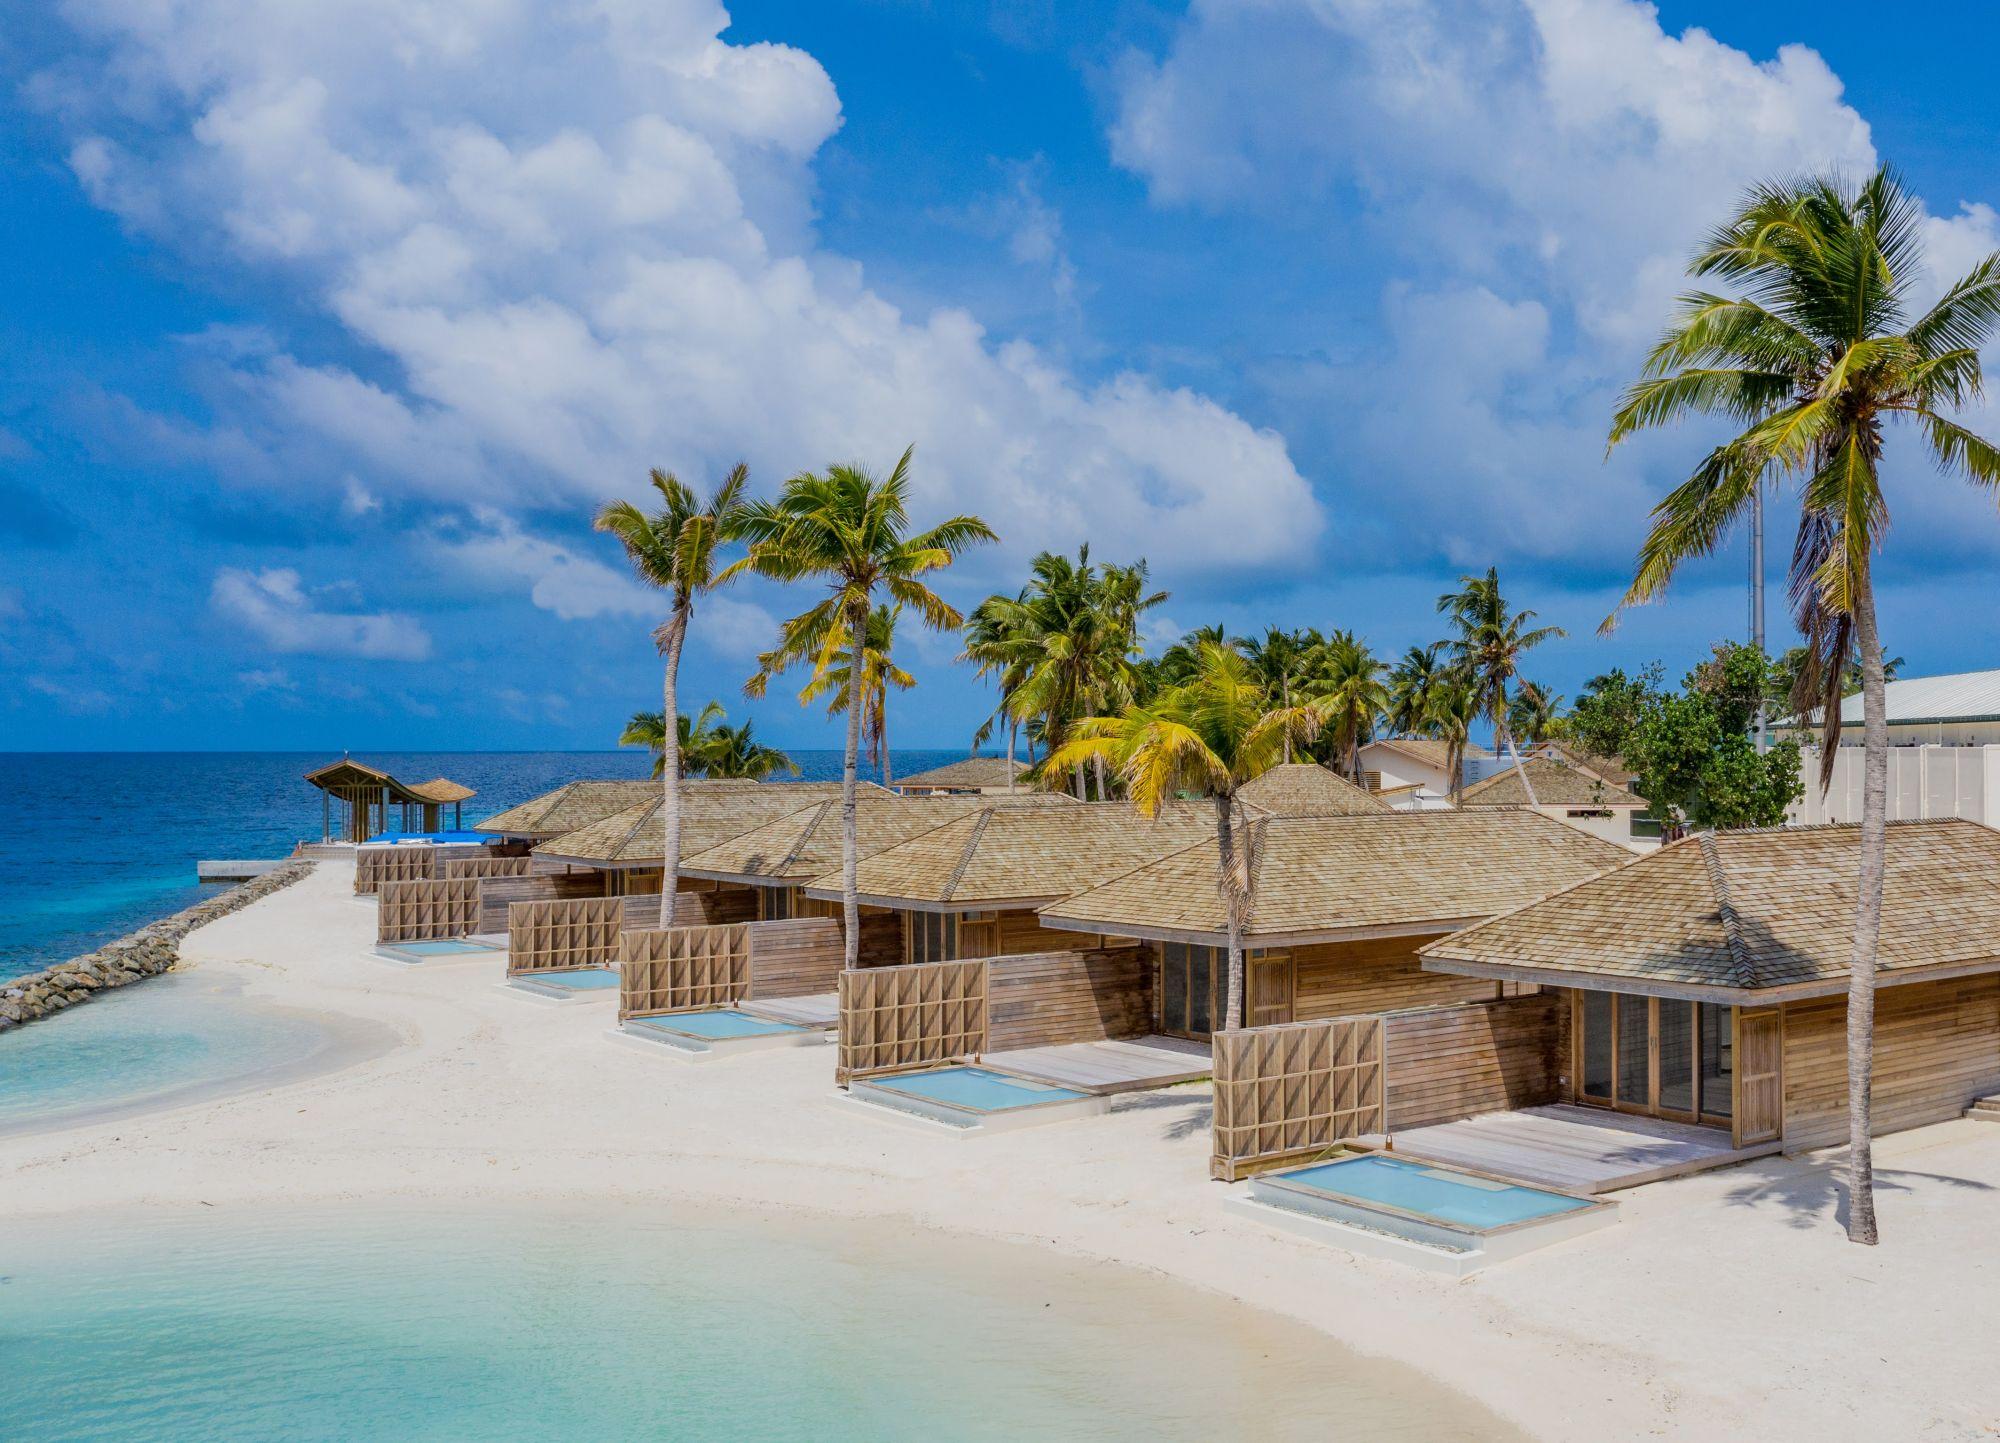 馬爾地夫五星級 Kagi Maldives Spa Island 奢華度假村。